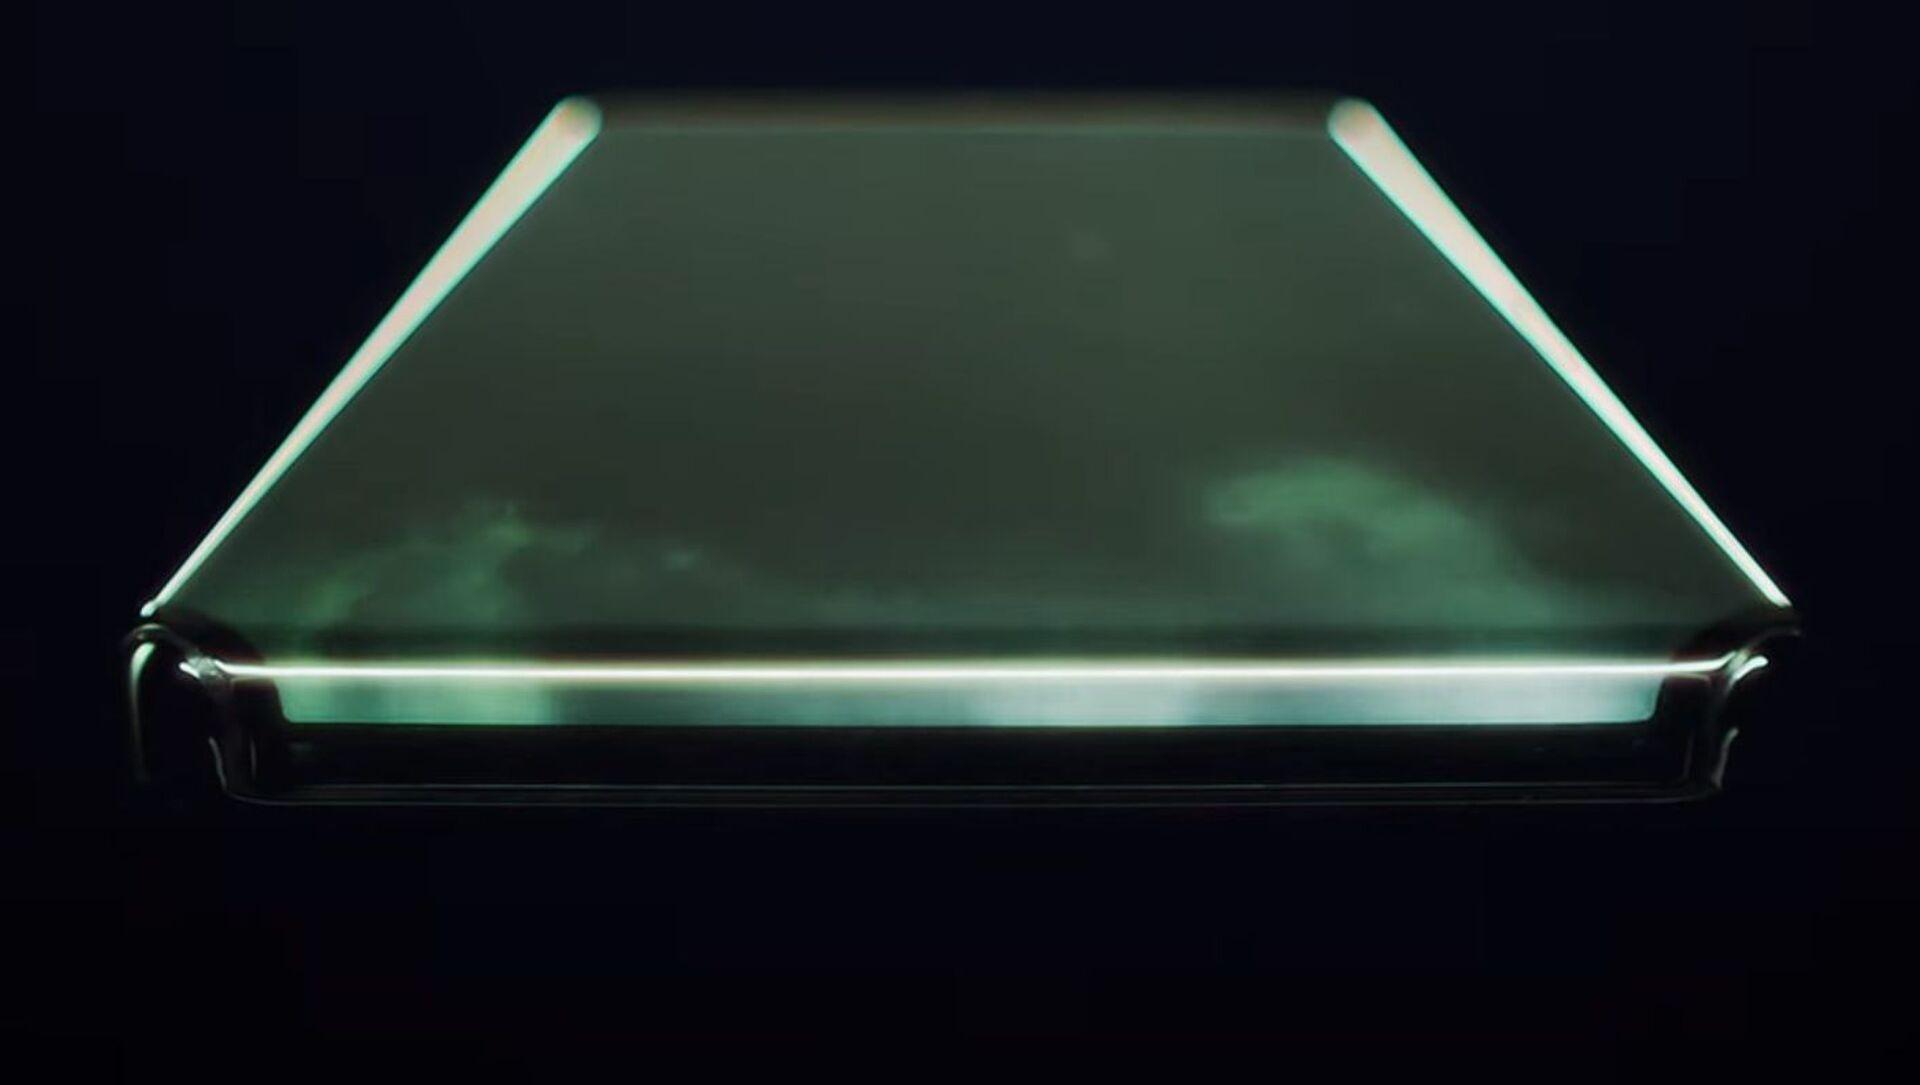 Xiaomi presenta el concepto de un 'smartphone' innovador - Sputnik Mundo, 1920, 05.02.2021